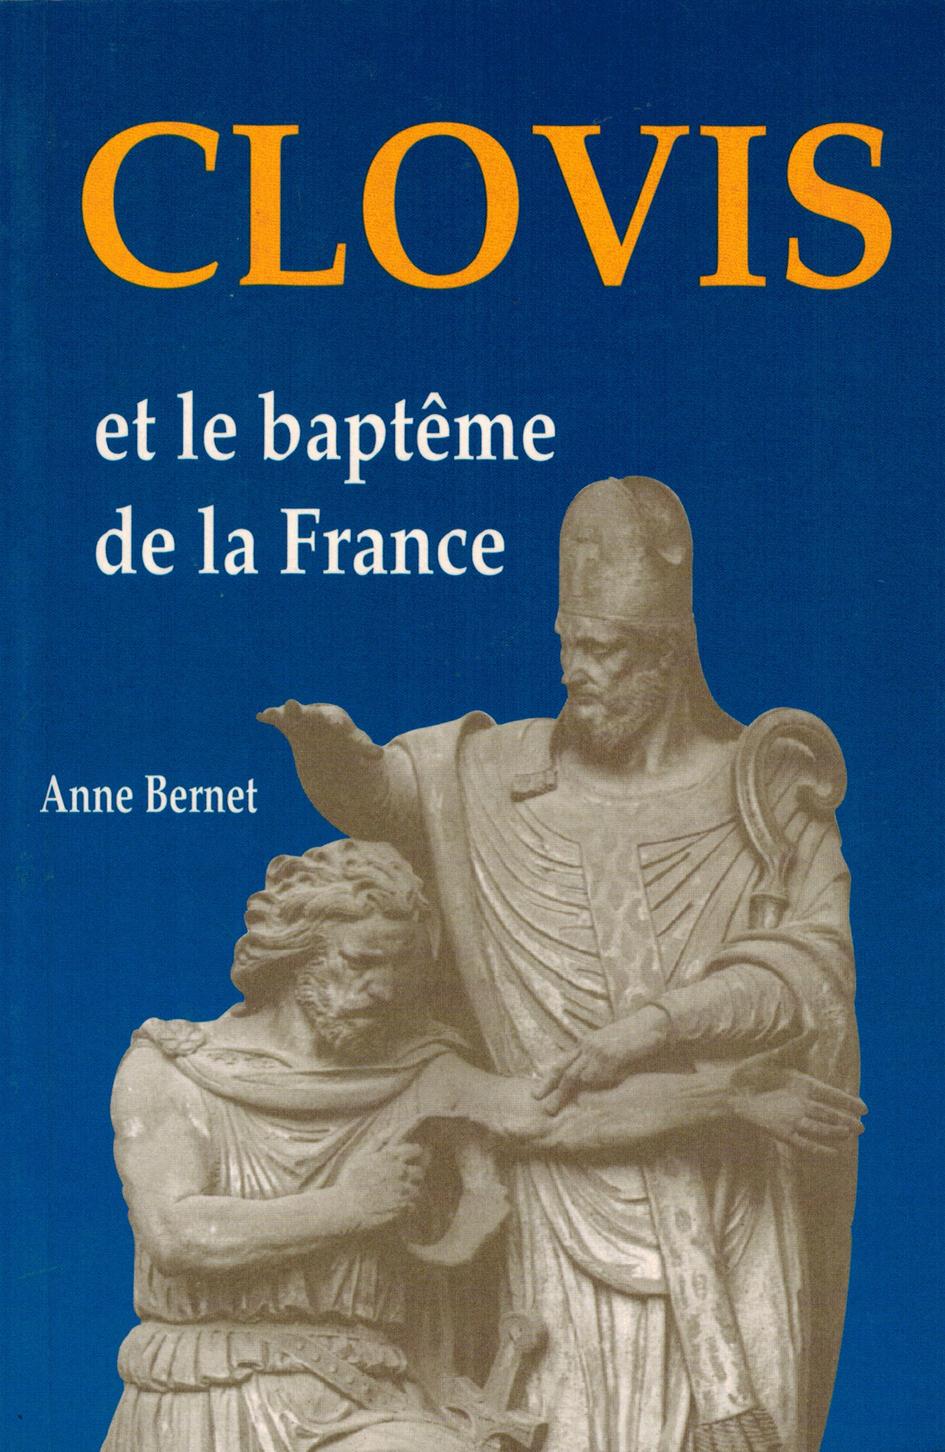 CLOVIS ET LE BAPTEME DE LA FRANCE